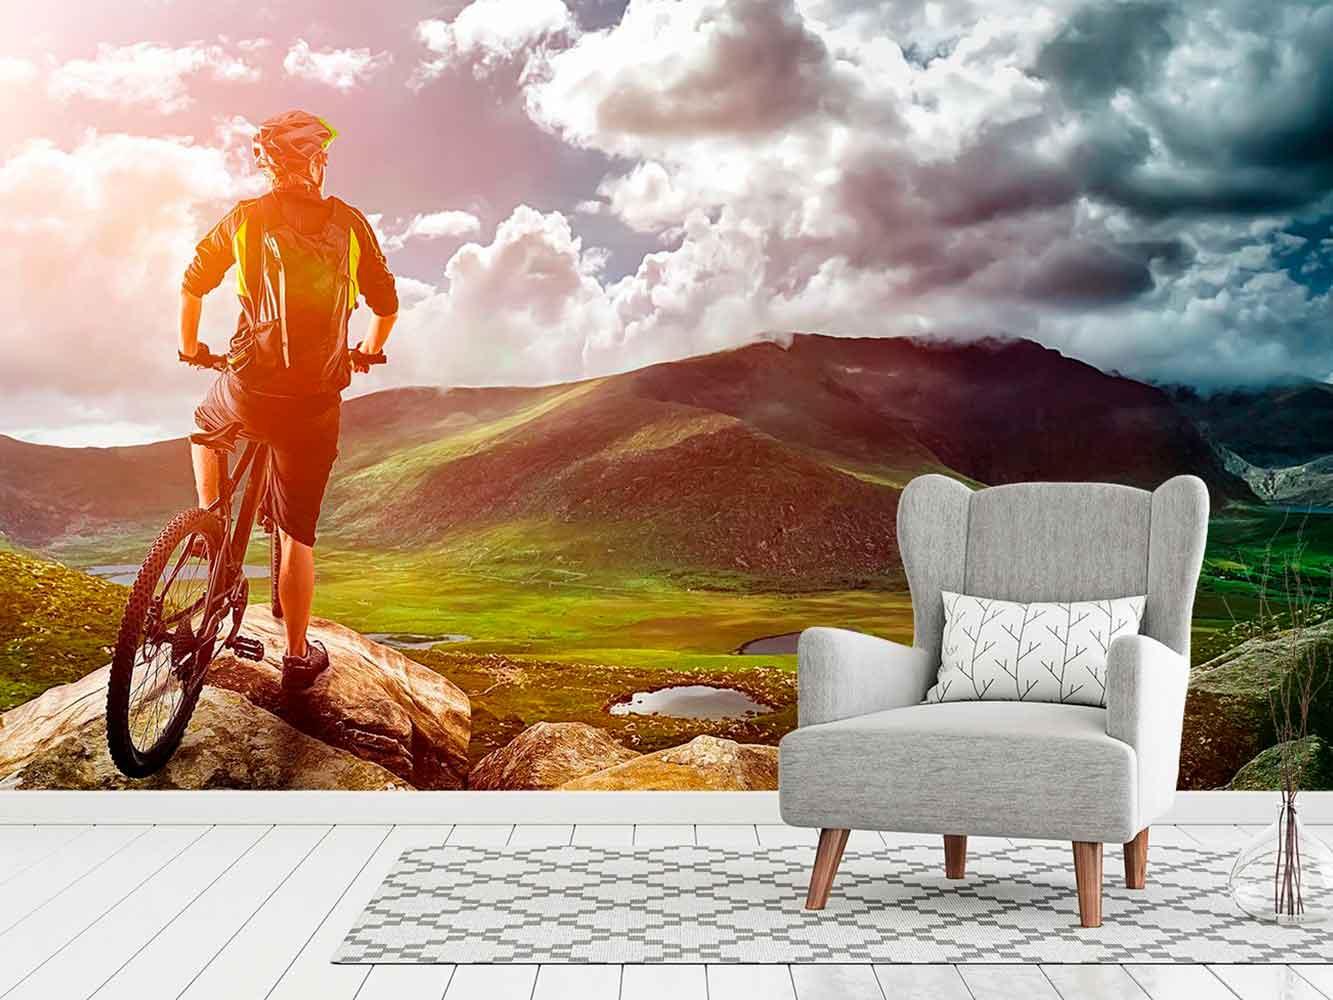 Fotomural Papel Pintado Ciclista Montaña | Carteles XXL - Impresión carteleria publicitaria